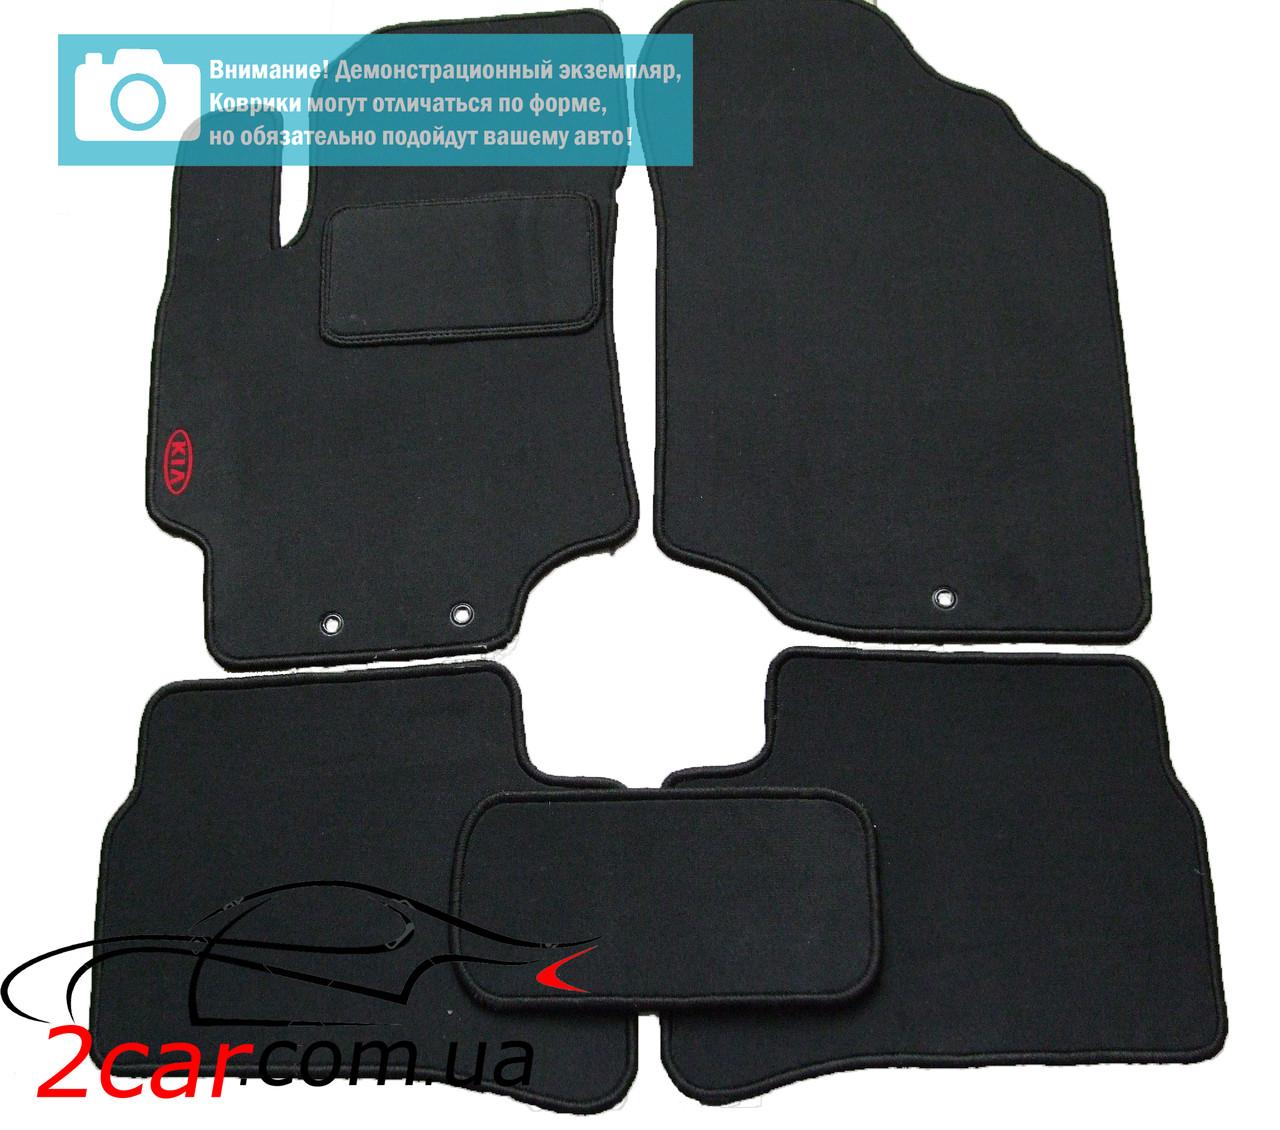 Текстильные коврики в салон для Opel Astra G (1998-2004) (чёрный) (Sti